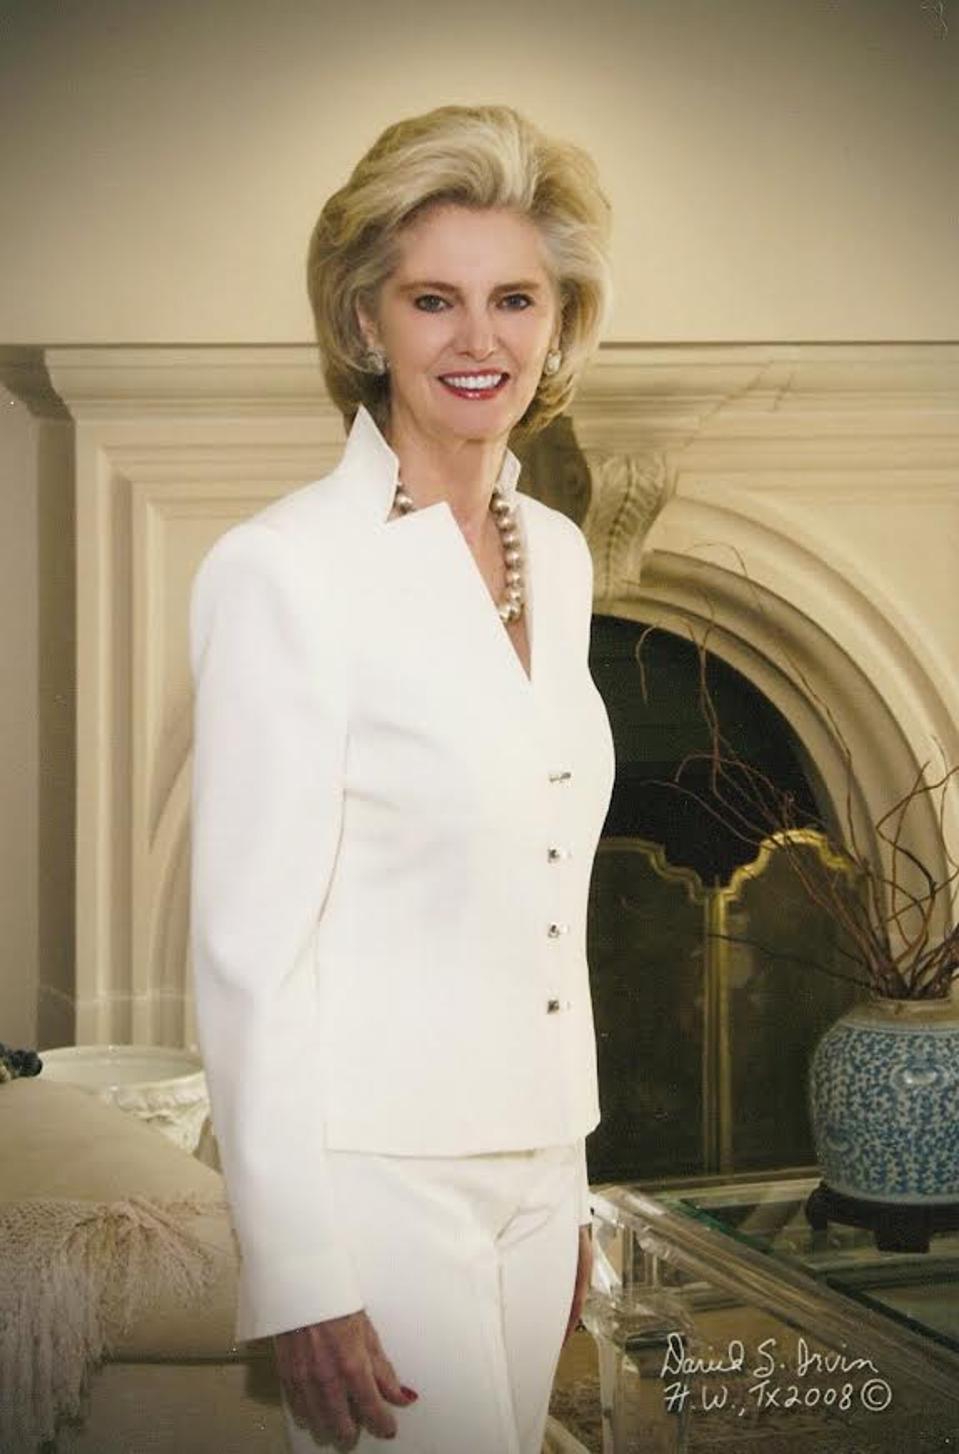 Grand dame of Dallas real estate Allie Beth Allman